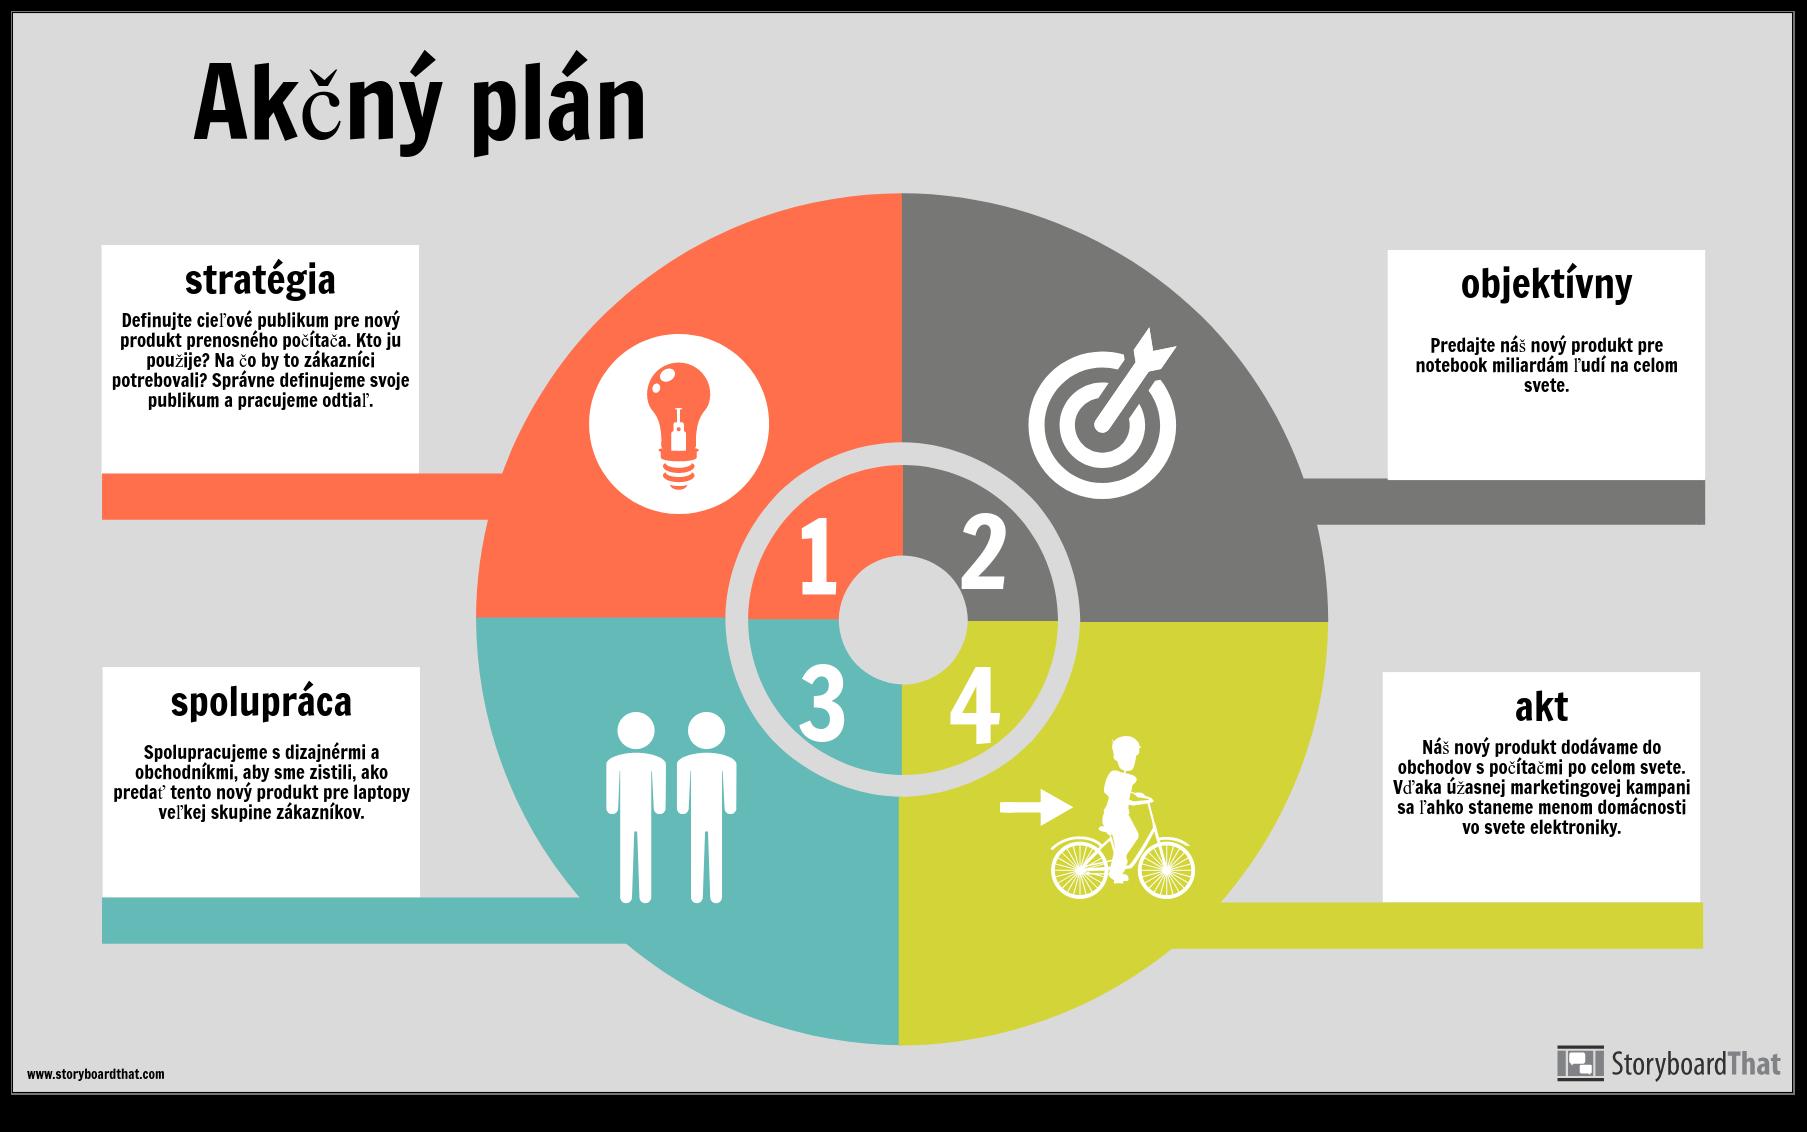 Príklad Informačného Plánu Akčného Plánu